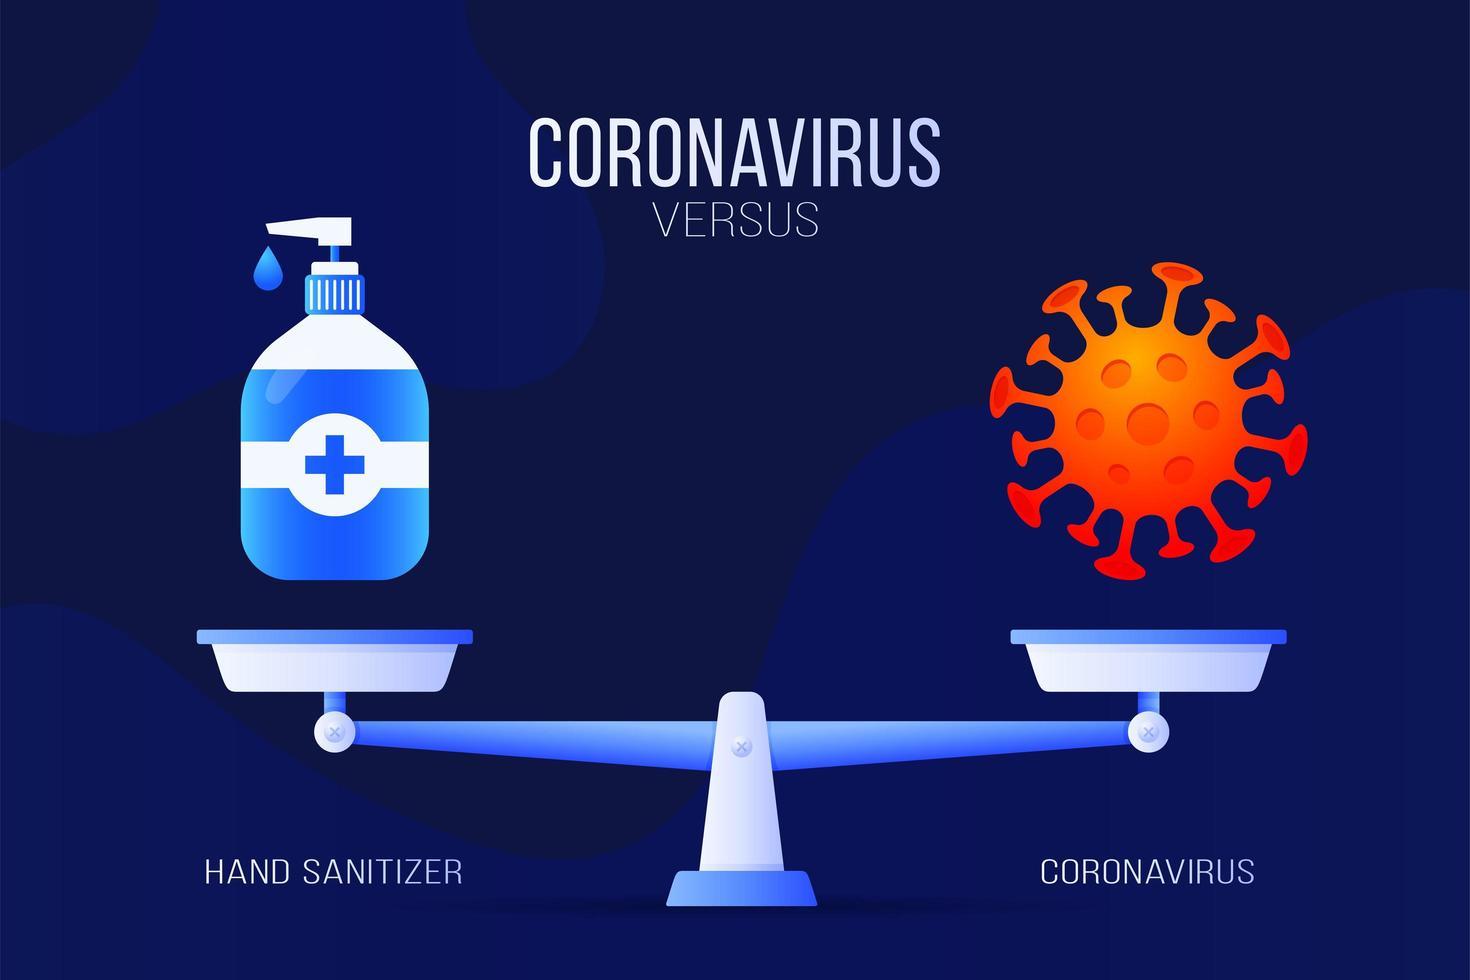 Ilustración de vector de coronavirus o desinfectante de manos. concepto creativo de balanzas y versus, en un lado de la balanza se encuentra un virus covid-19 y en el otro icono de desinfectante. ilustración vectorial plana.